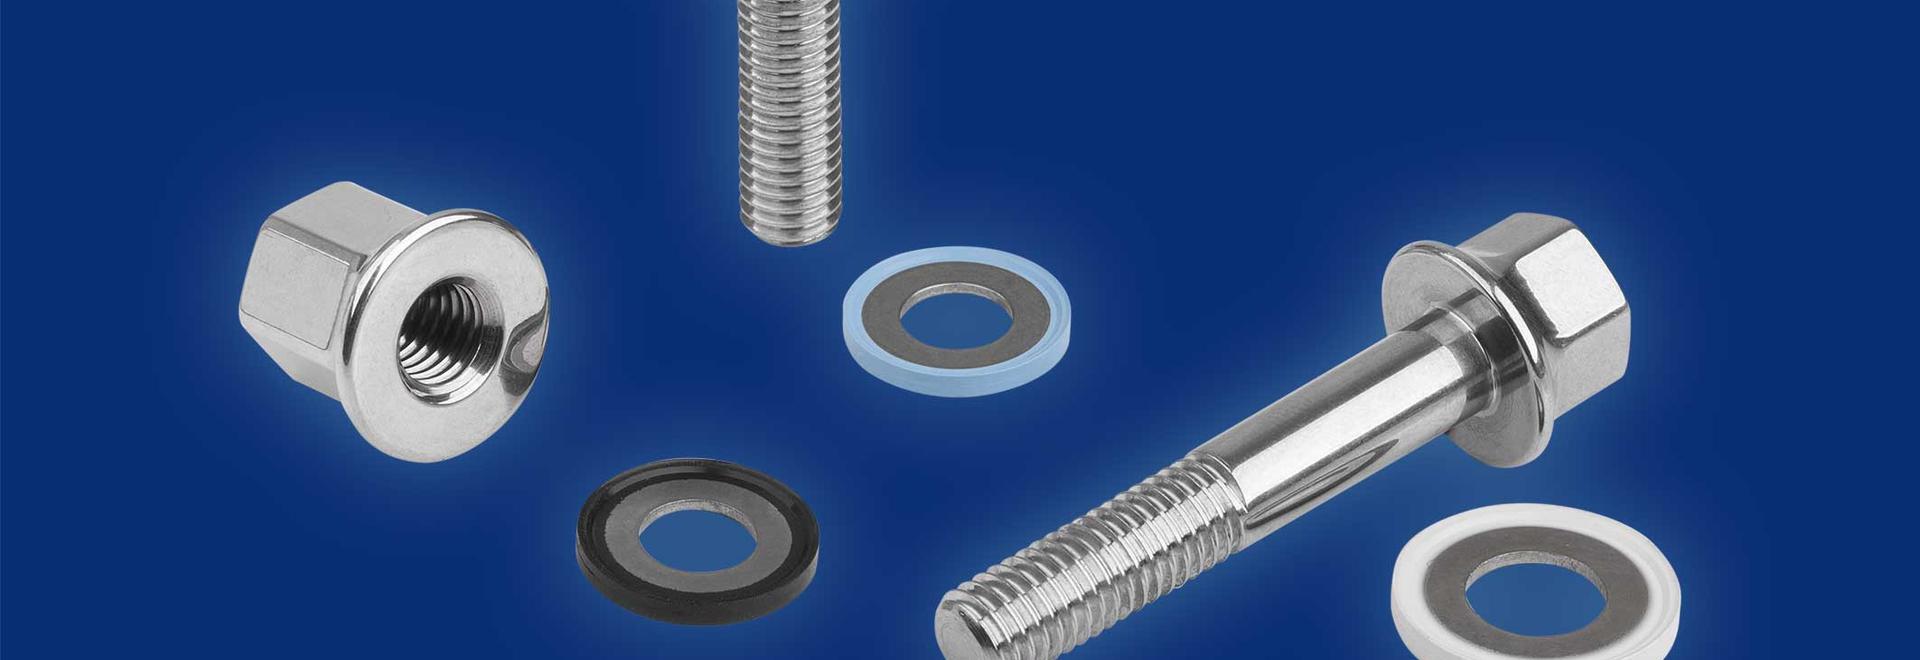 Dans le cadre du processus de recertification par l'EHEDG (European Hygienic Engineering and Design Group), les partenaires coopérants KIPP et Freudenberg Sealing Technologies ont procédé à quelque...